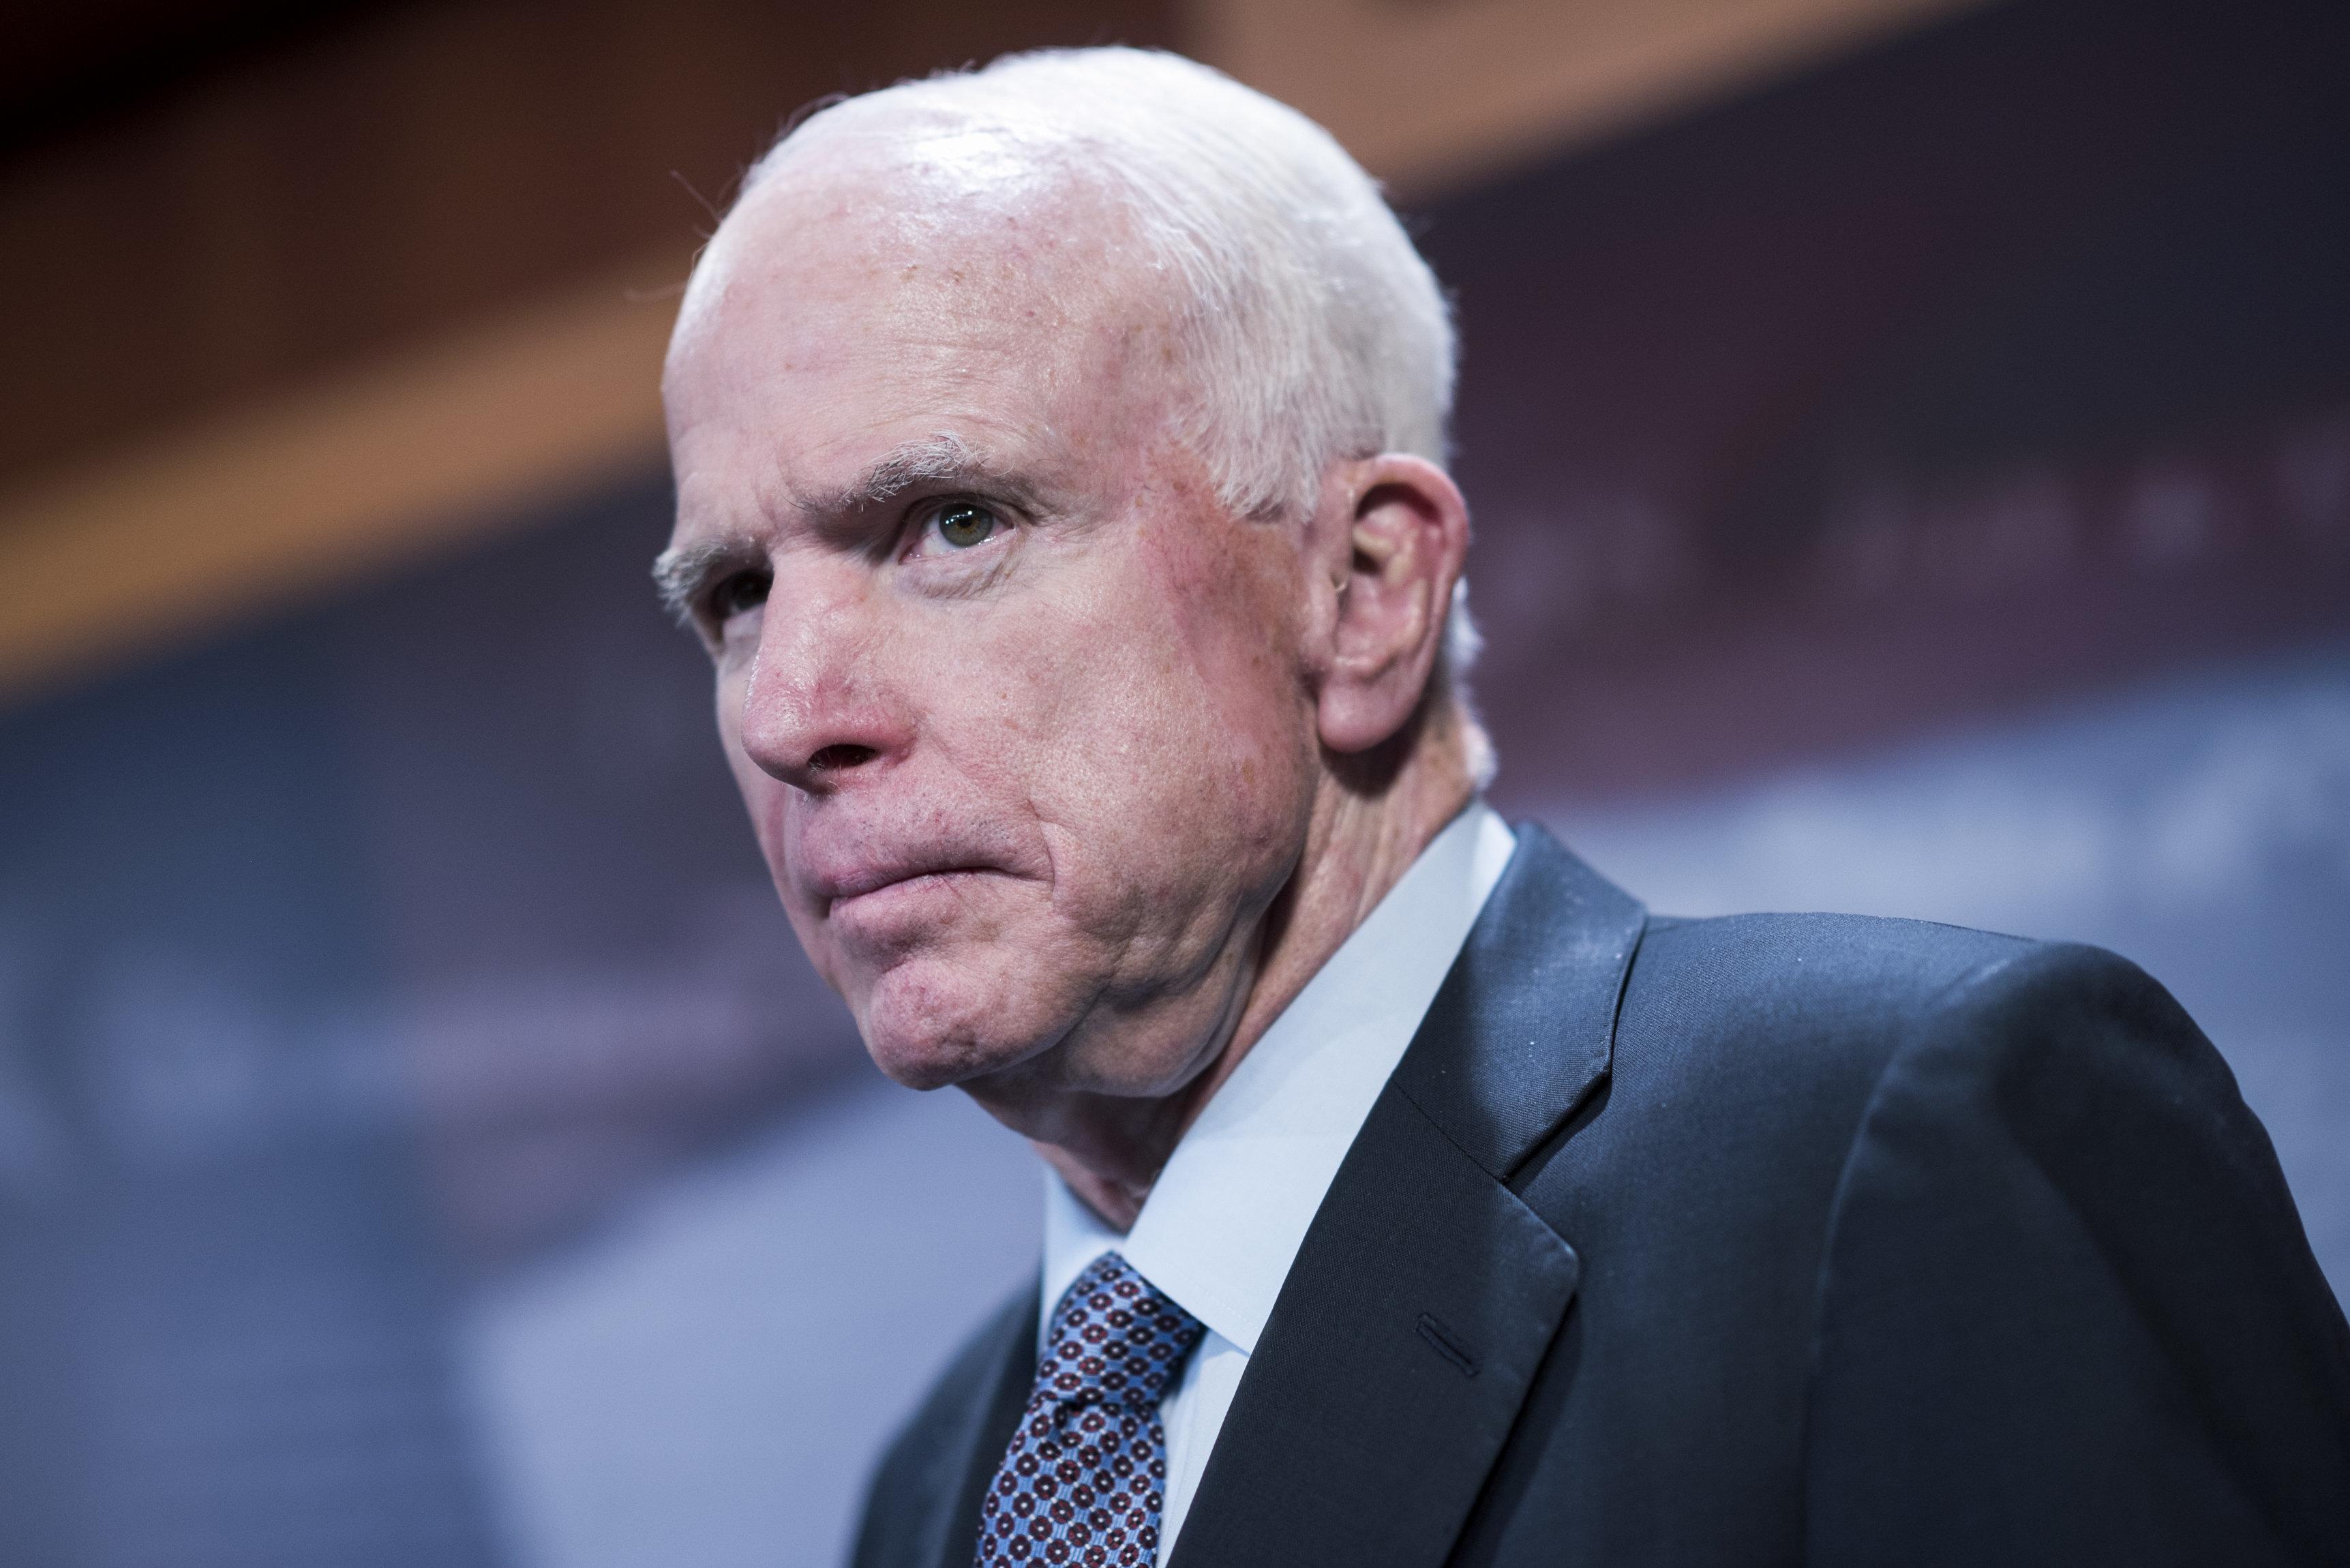 John McCain Calls Australia's Ambassador To Clean Up Trump's